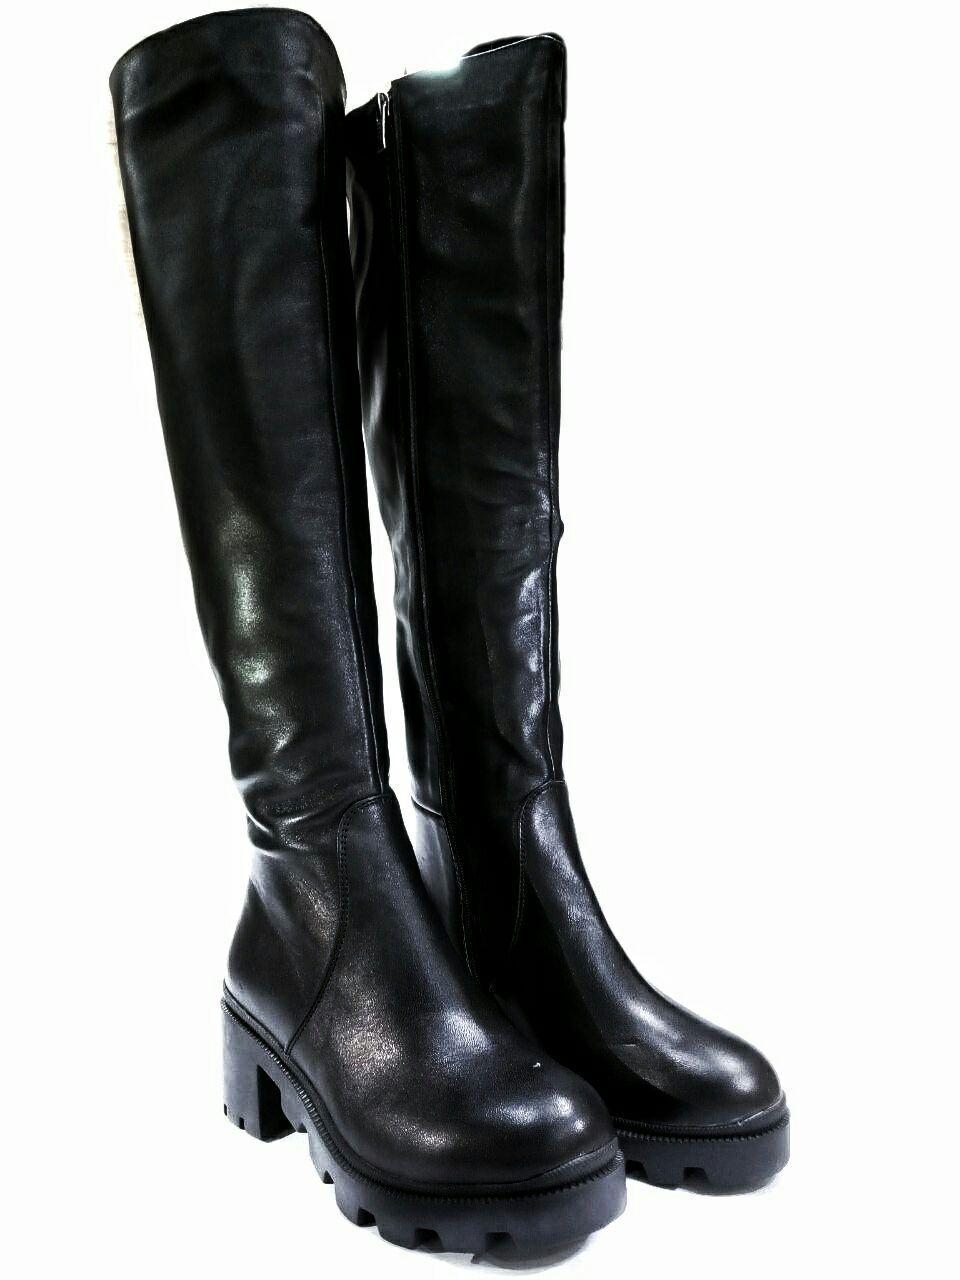 Женские ботфорты евро-зима из натуральной кожи kento на низком ходу.